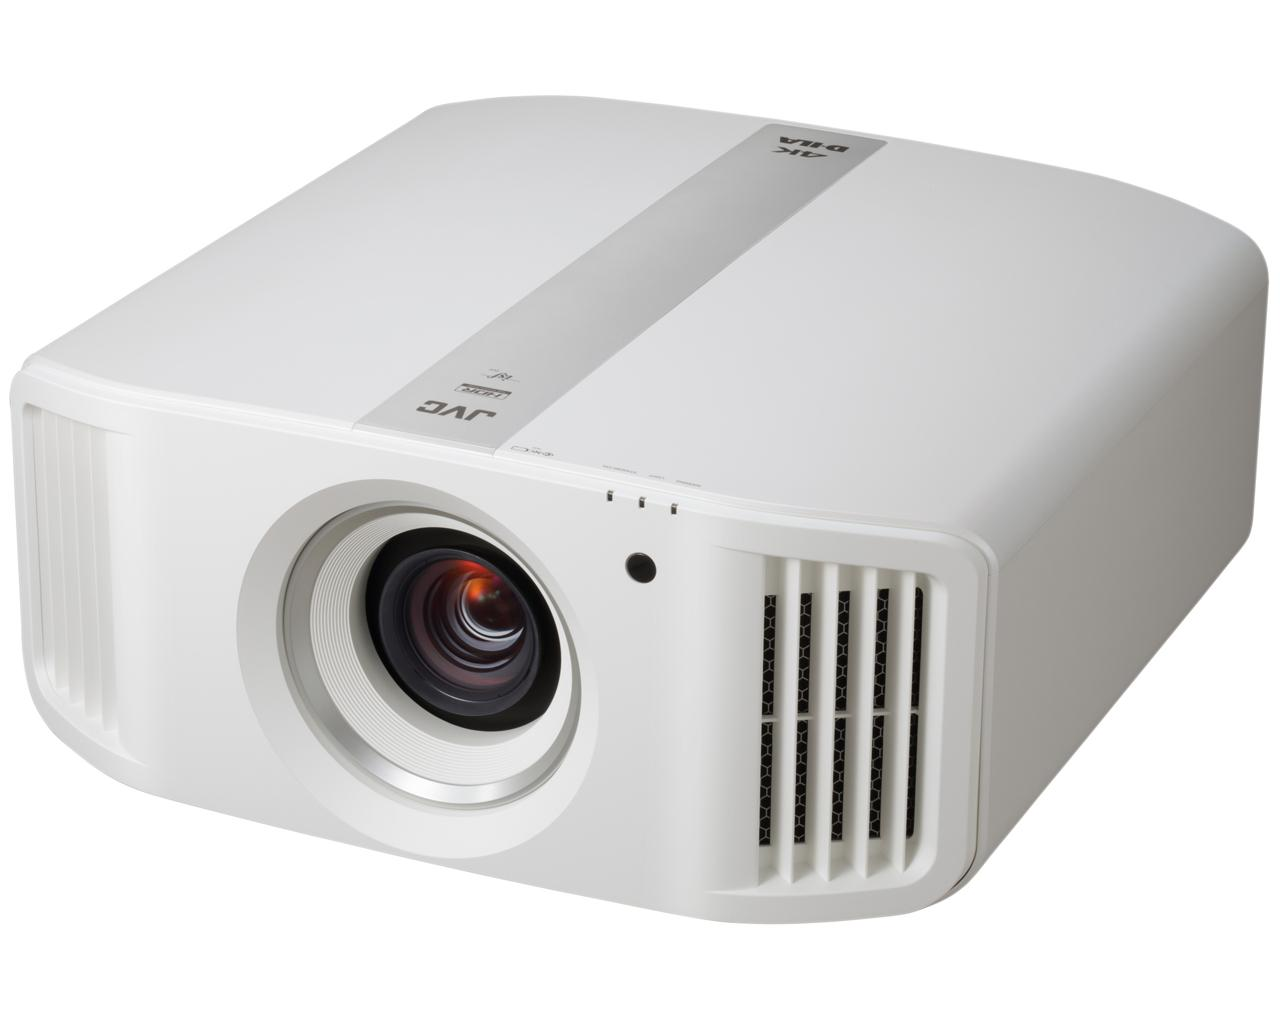 JVC - DLA N5 D-ILA Projector mit nativer 4K Auflösung !